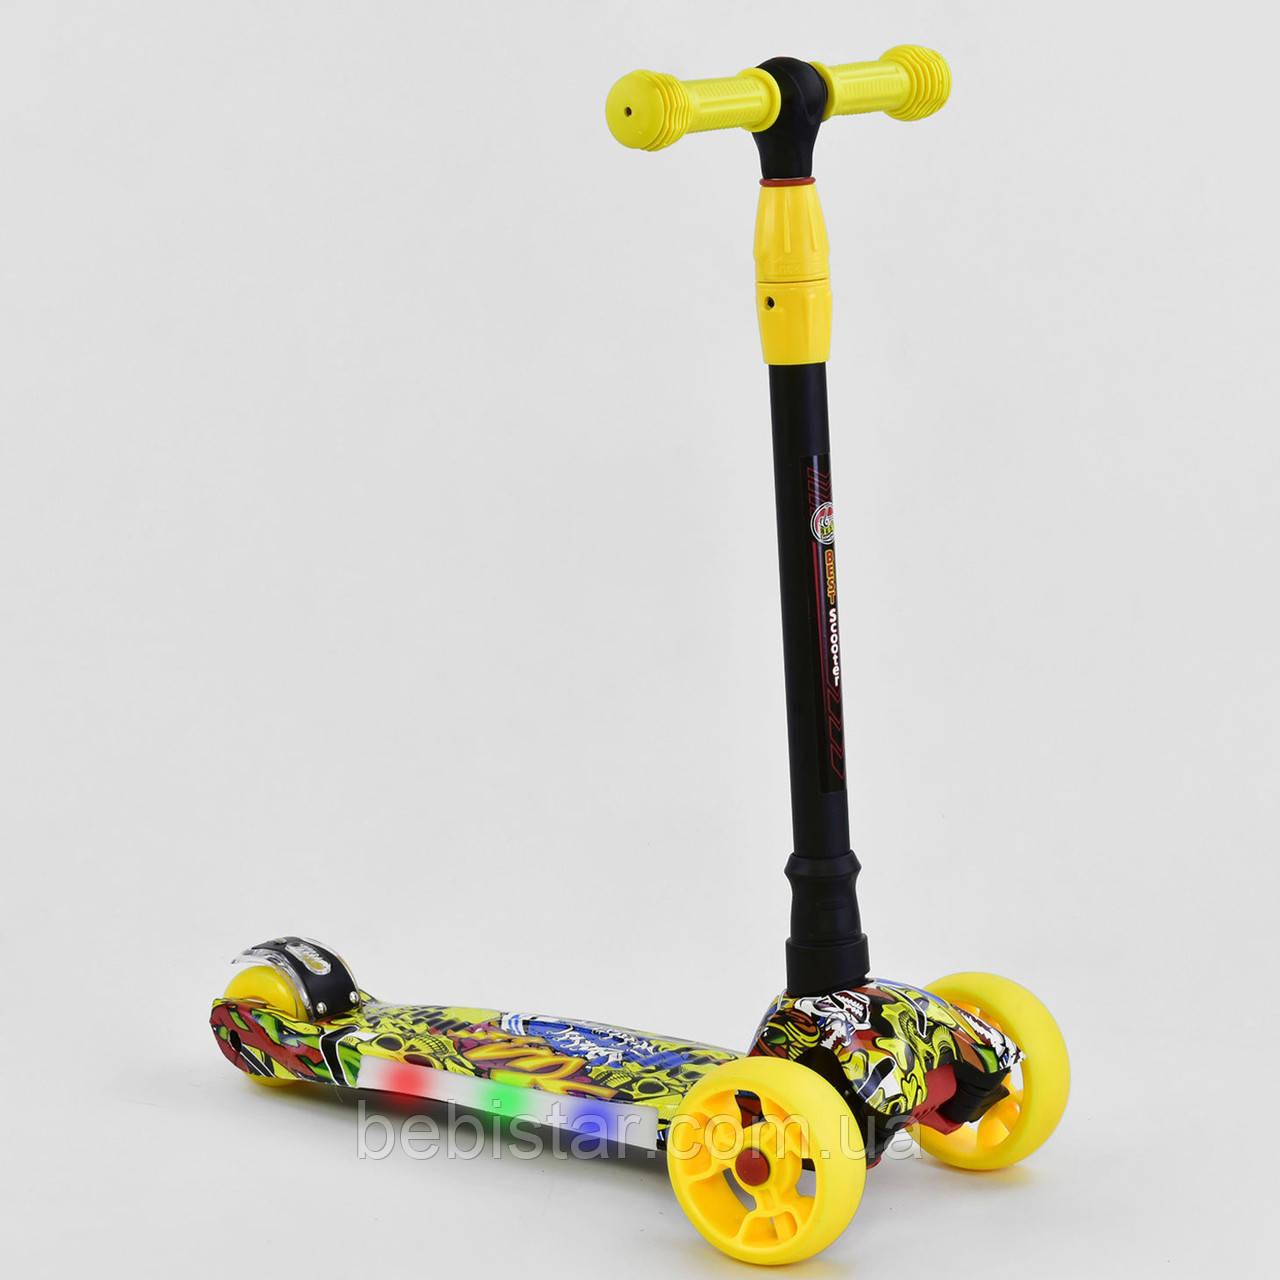 Трехколесный самокат желтый четыре колеса с подсветкой платформы и светящимися колесами деткам от 3 лет